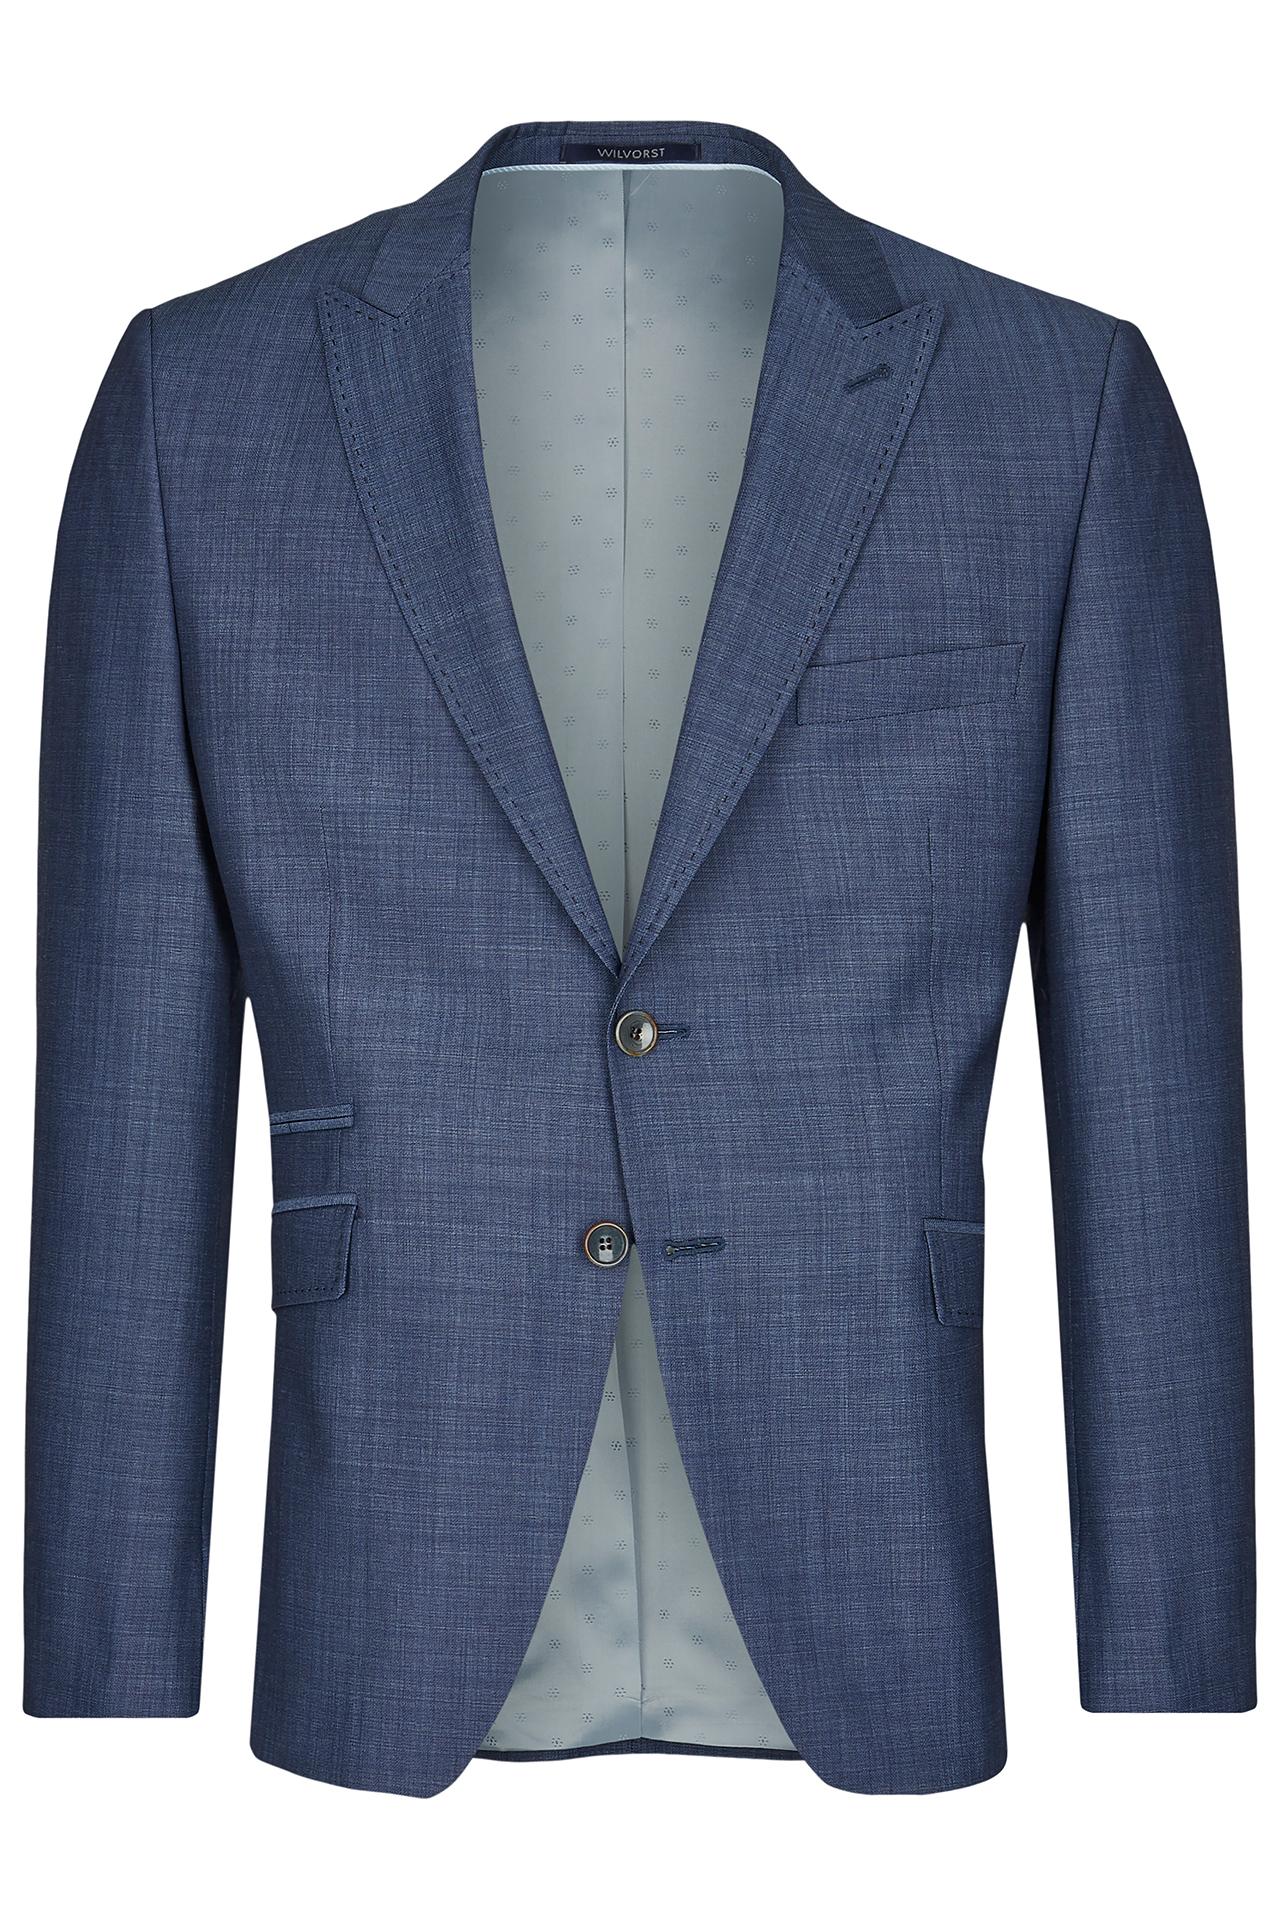 Wilvorst Hochzeitsanzug Sakko blau Green Wedding 401106 10372 034